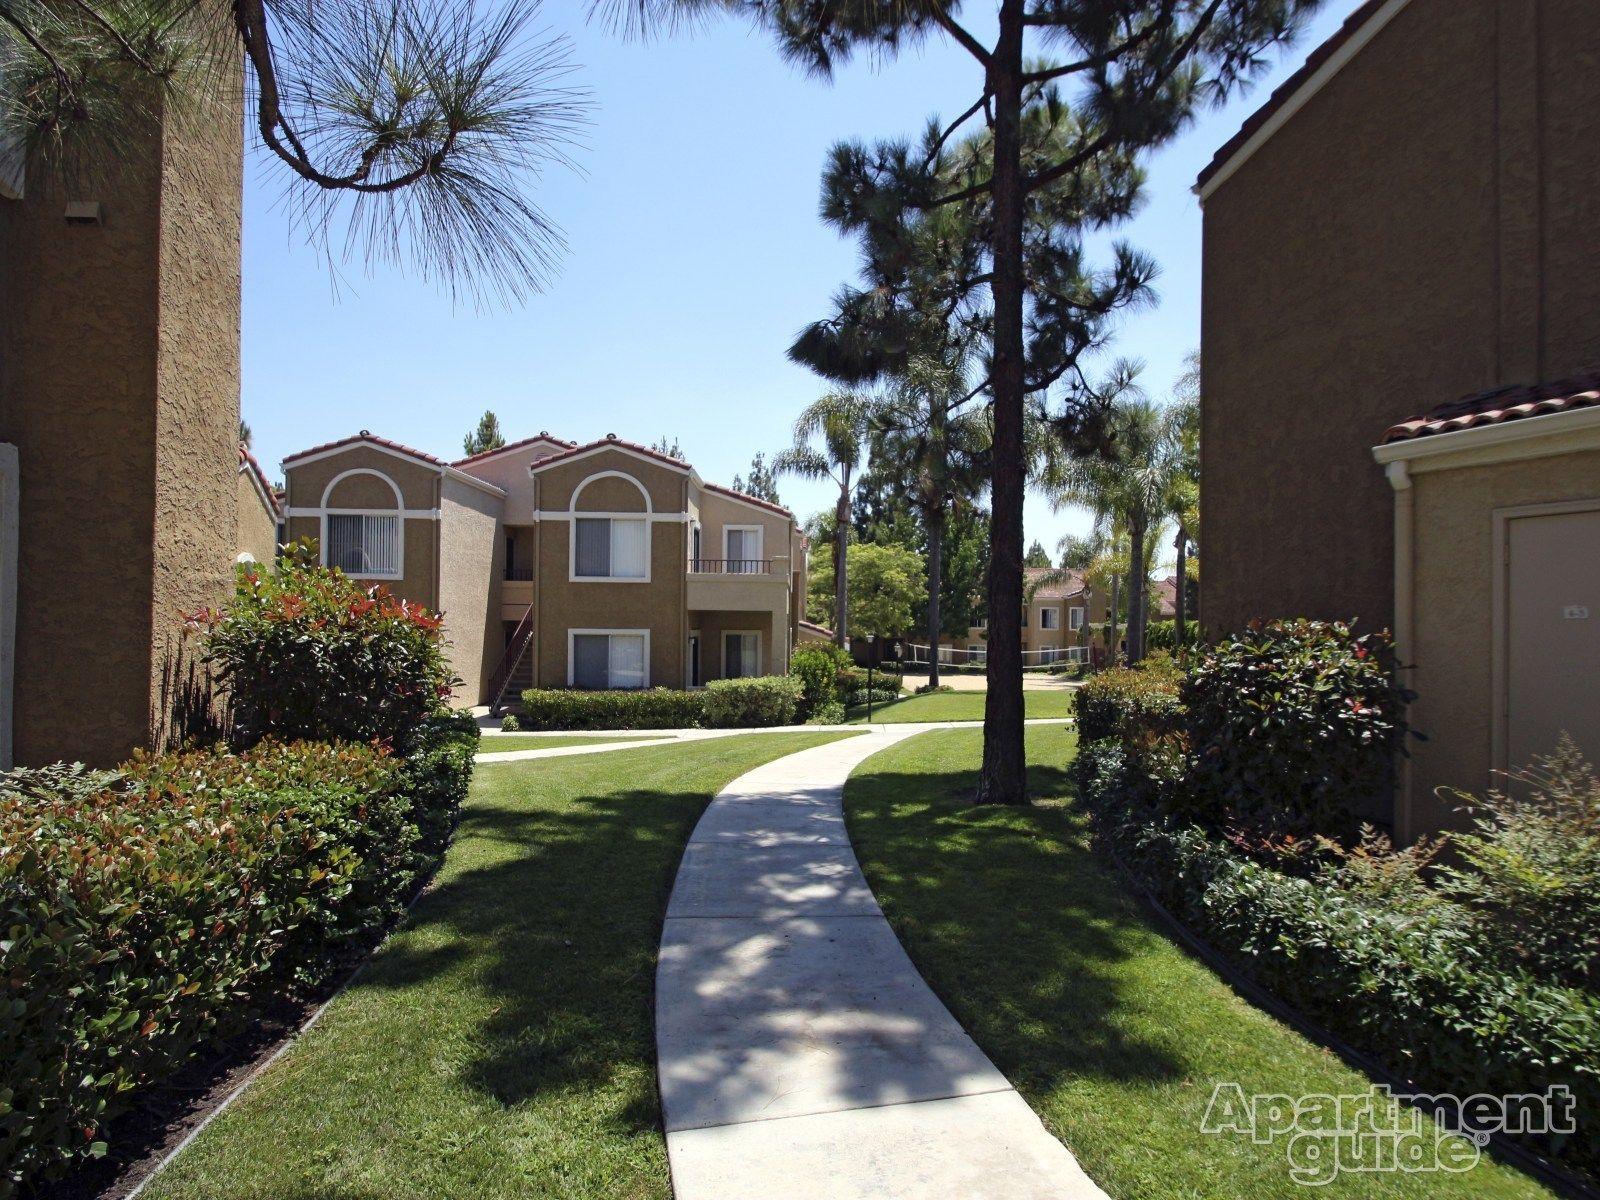 Montecito Village Apartments Oceanside Ca 92057 Apartments For Rent Montecito Village Apartments For Rent